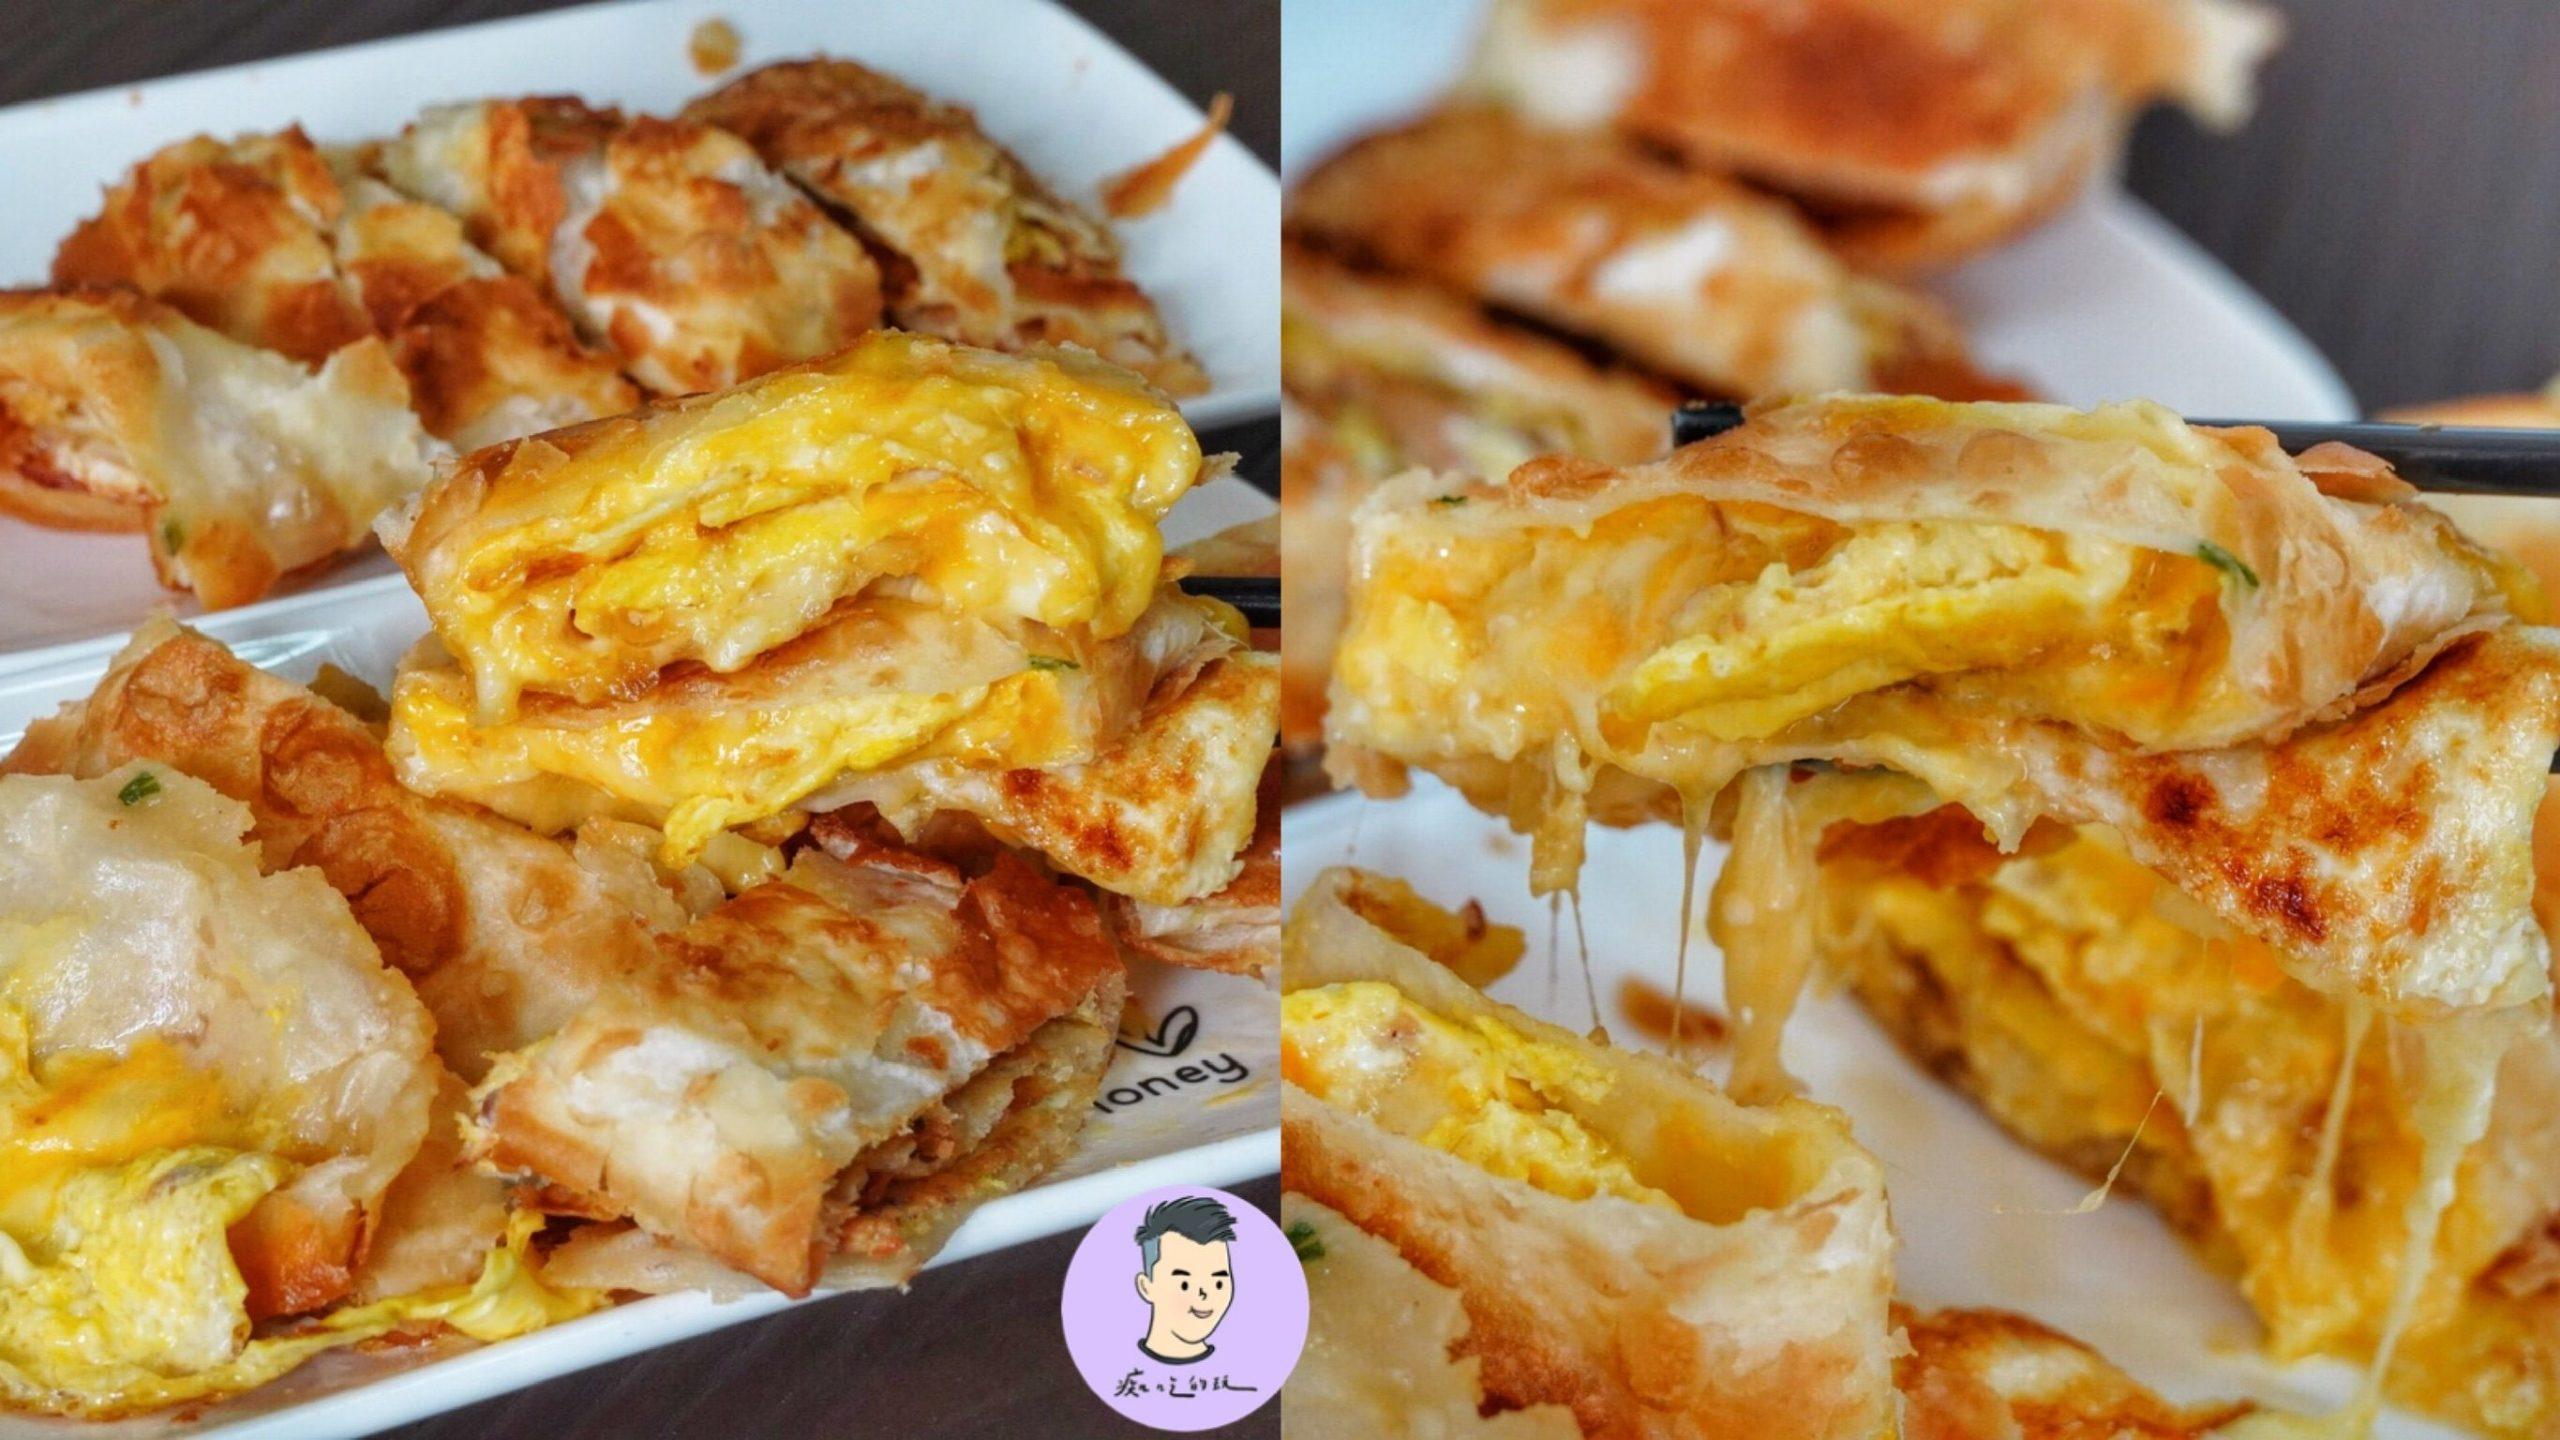 【高雄美食】早蒔光早午餐 高雄超邪惡雙倍起司蛋餅就是這間!酥脆餅皮卡滋卡滋|高雄蛋餅